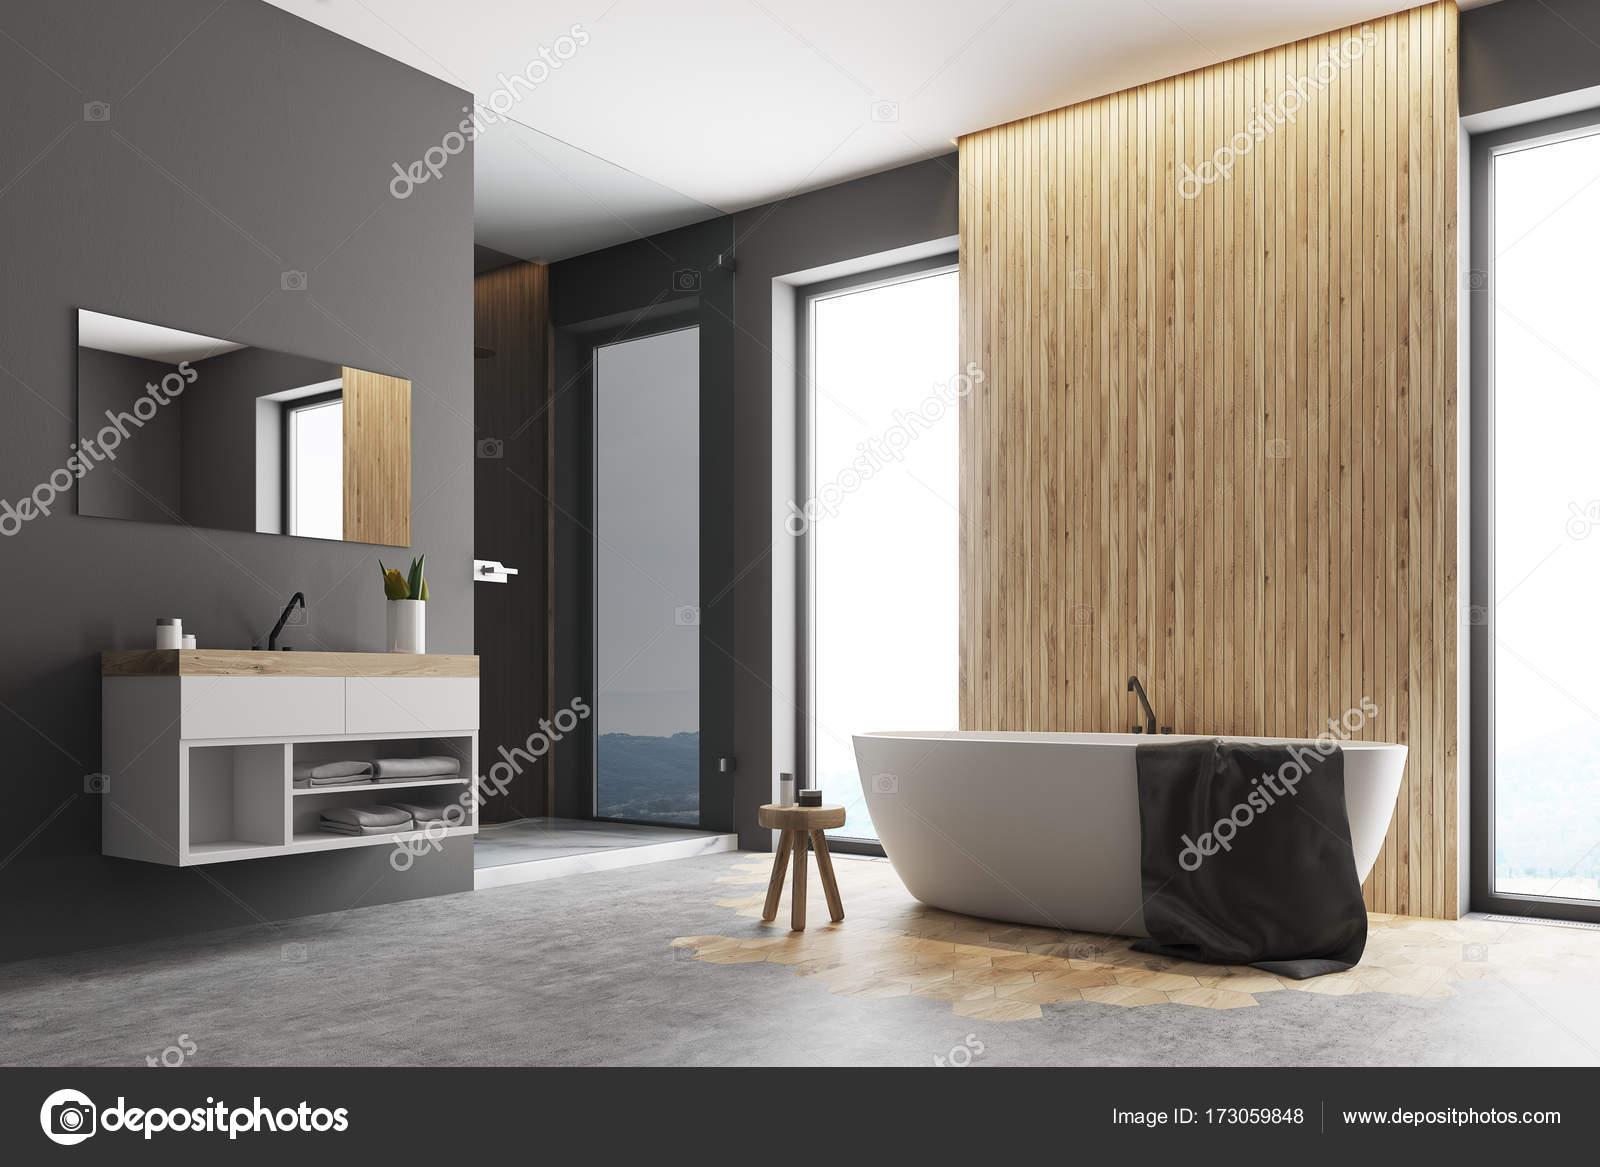 Bagno Legno E Grigio : Angolo bagno grigio e legno u2014 foto stock © denisismagilov #173059848